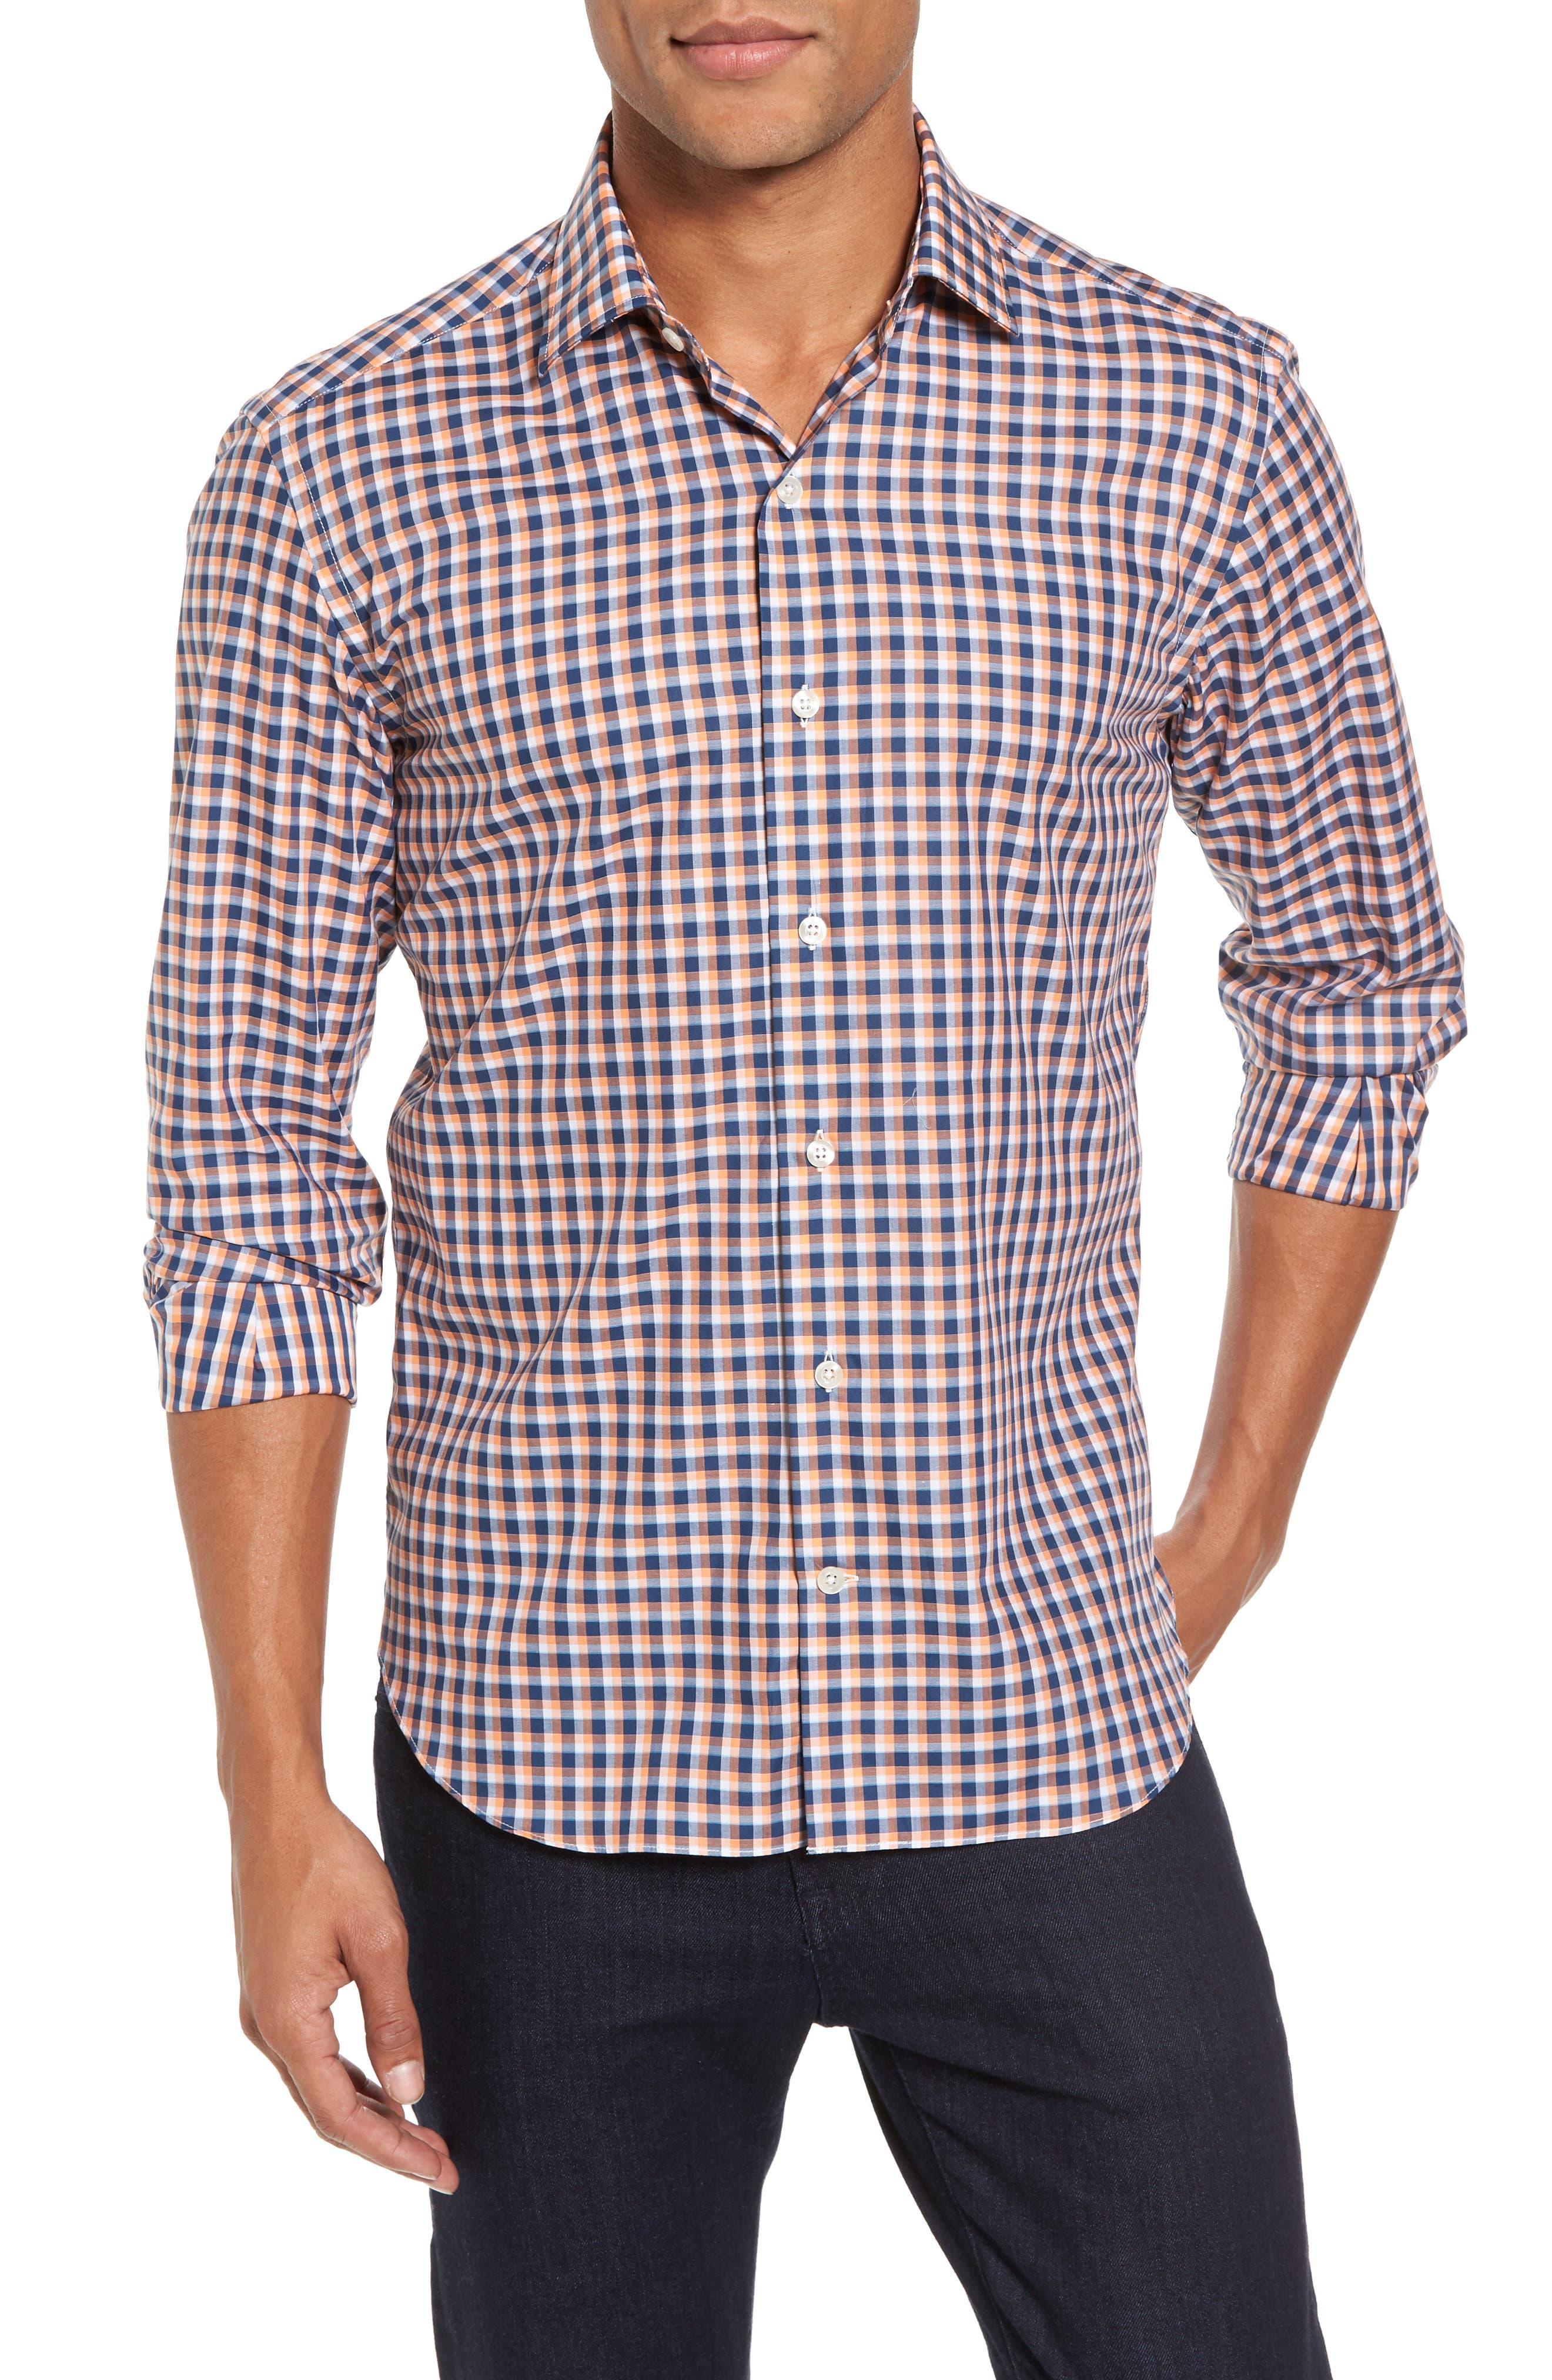 Culturata Slim Fit Check Twill Sport Shirt